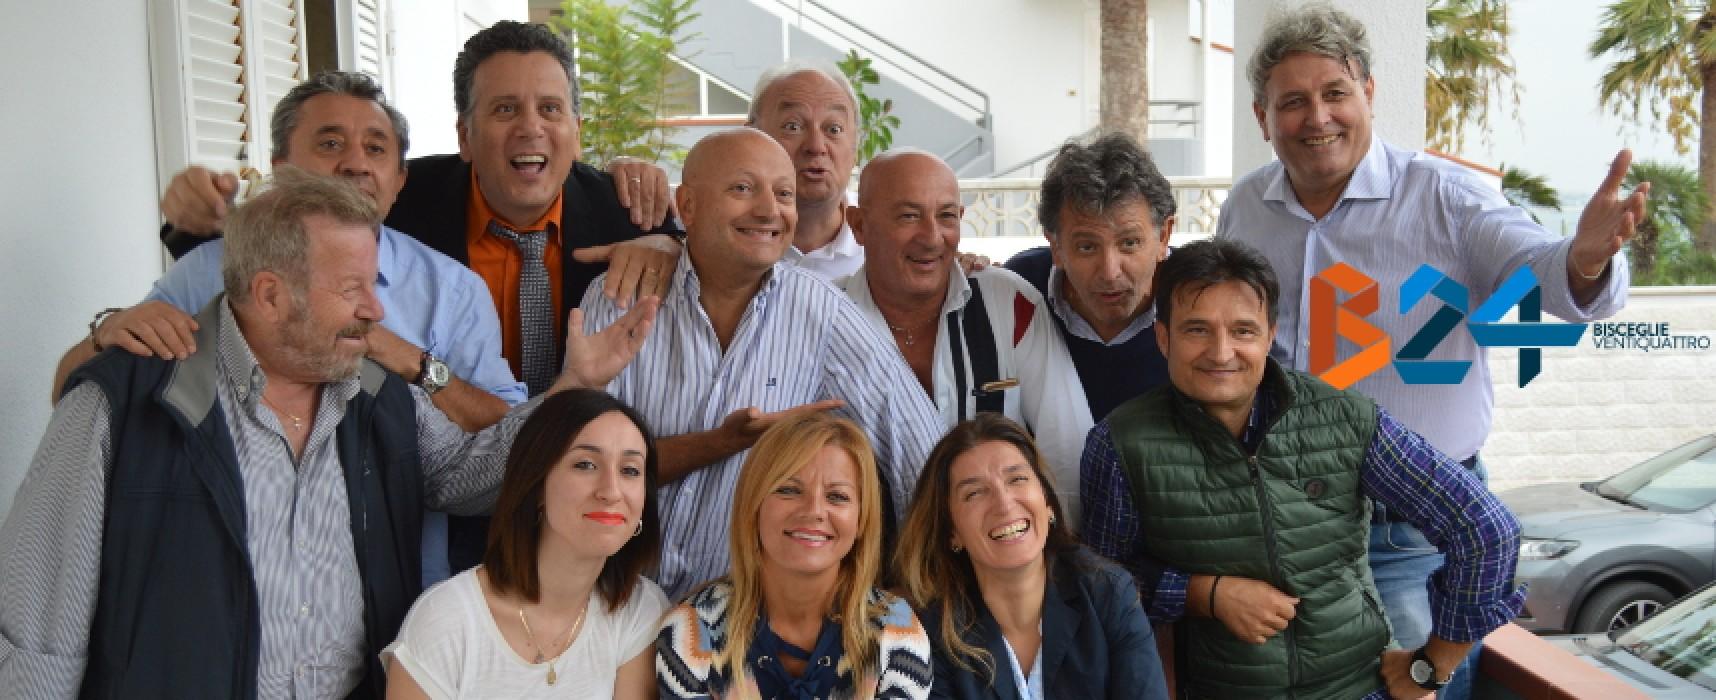 ANTEPRIMA B24 – Torna la Compagnia Dialettale Biscegliese, ecco la squadra al completo / FOTO